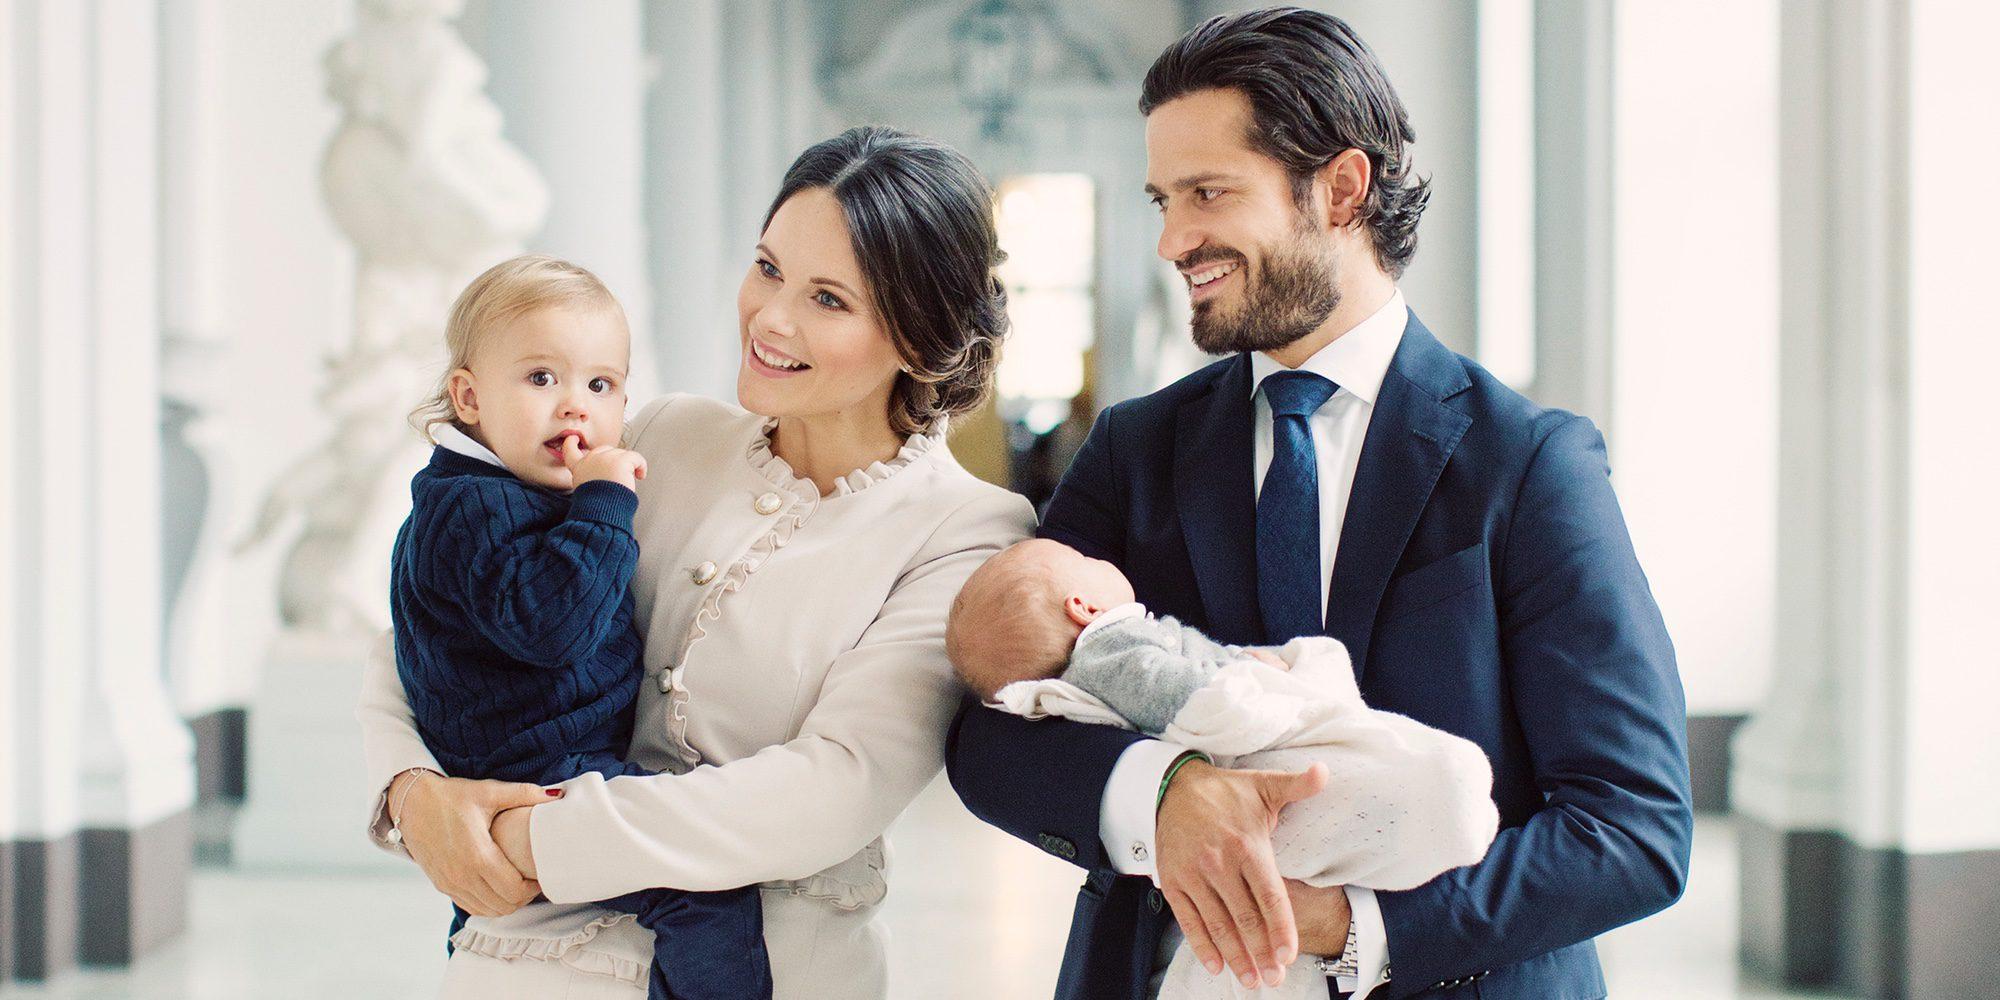 Primera foto de familia de Carlos Felipe de Suecia y Sofia Hellqvist con sus hijos Alejandro y Gabriel